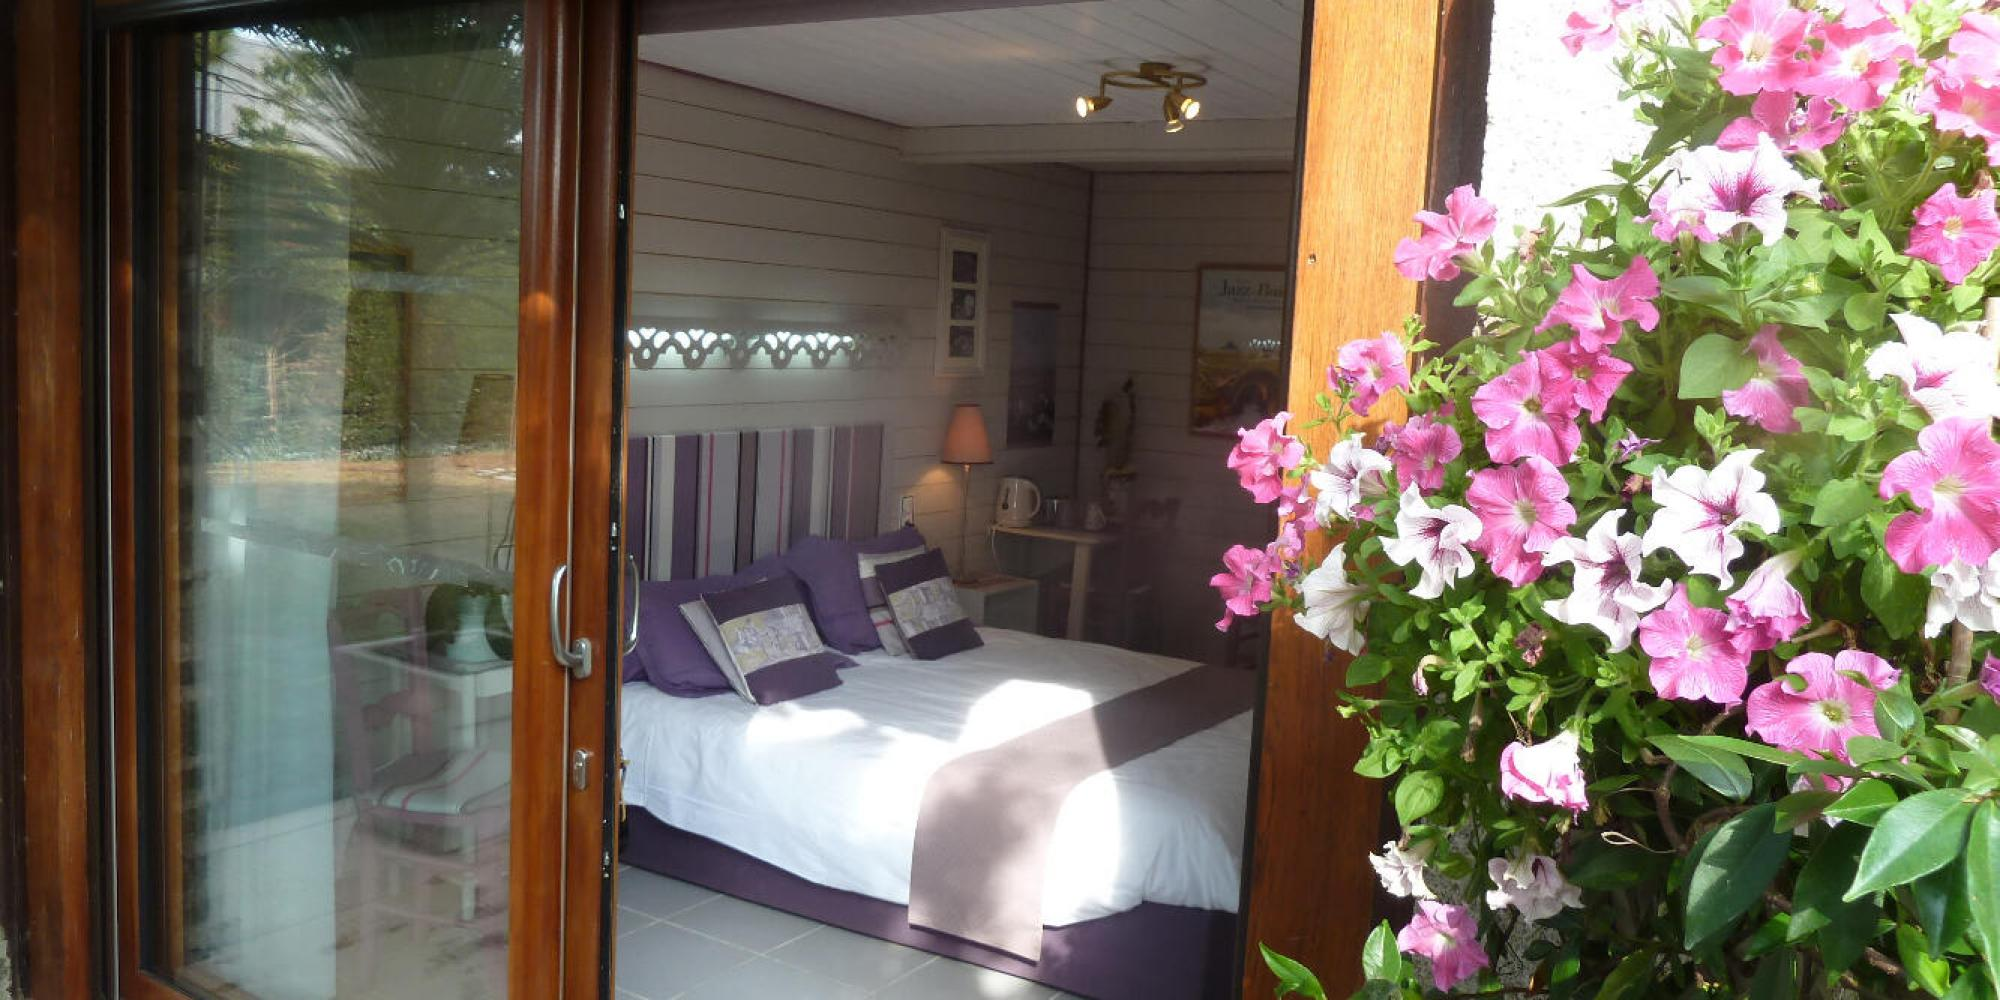 location de vacances chambre d 39 hote les bruy res du mont normandie. Black Bedroom Furniture Sets. Home Design Ideas